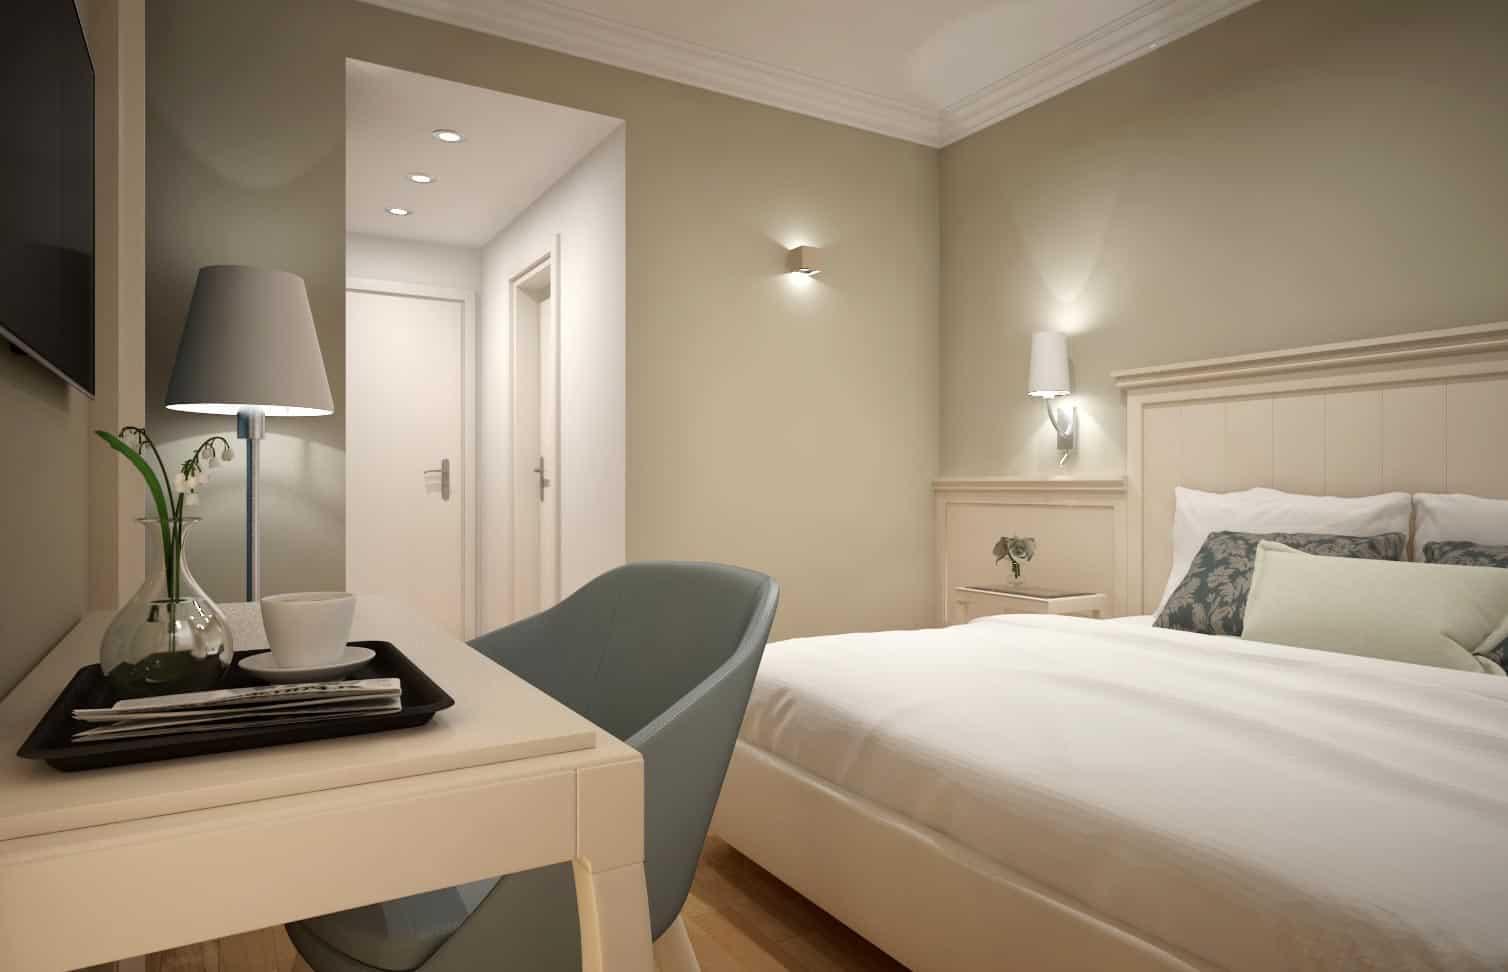 Camere in Hotel a Verona